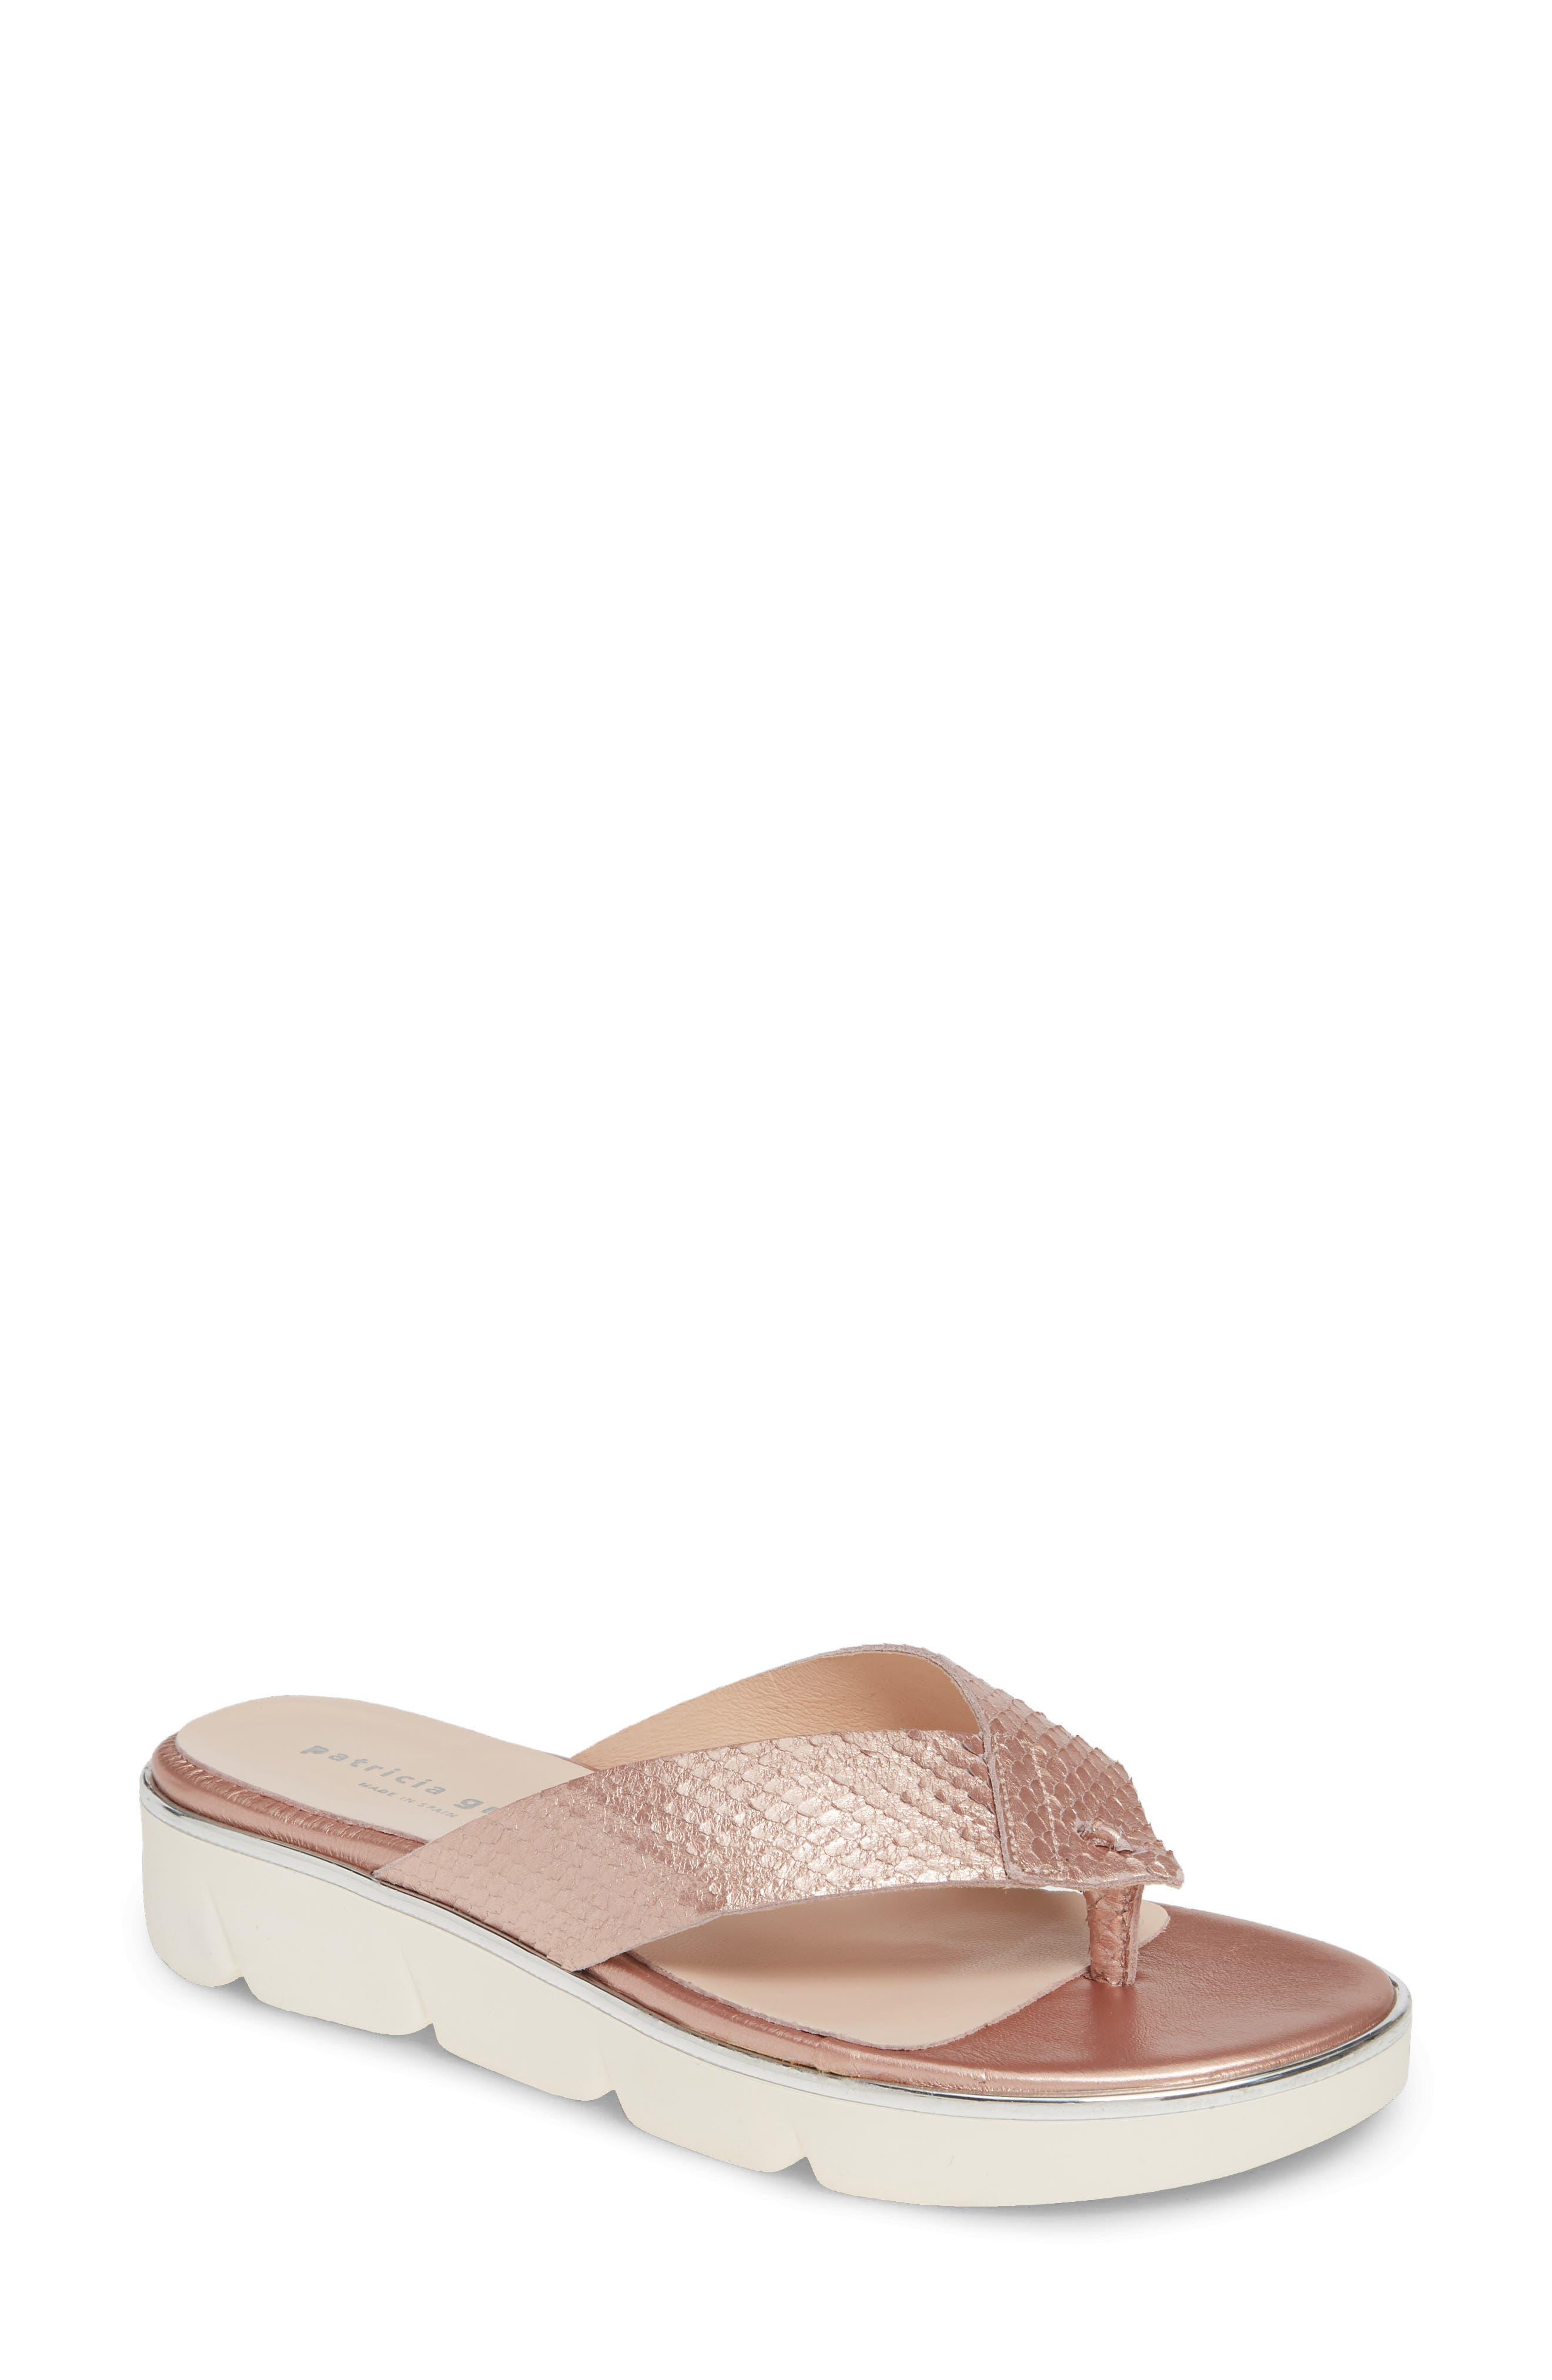 Patricia Green Casablanca Flip Flop, Pink